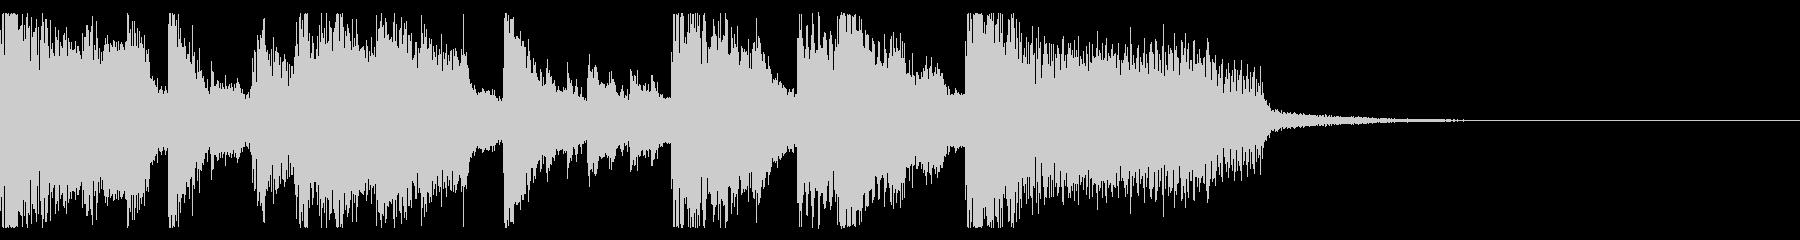 ポップなEDM系ジングルミュージック3の未再生の波形